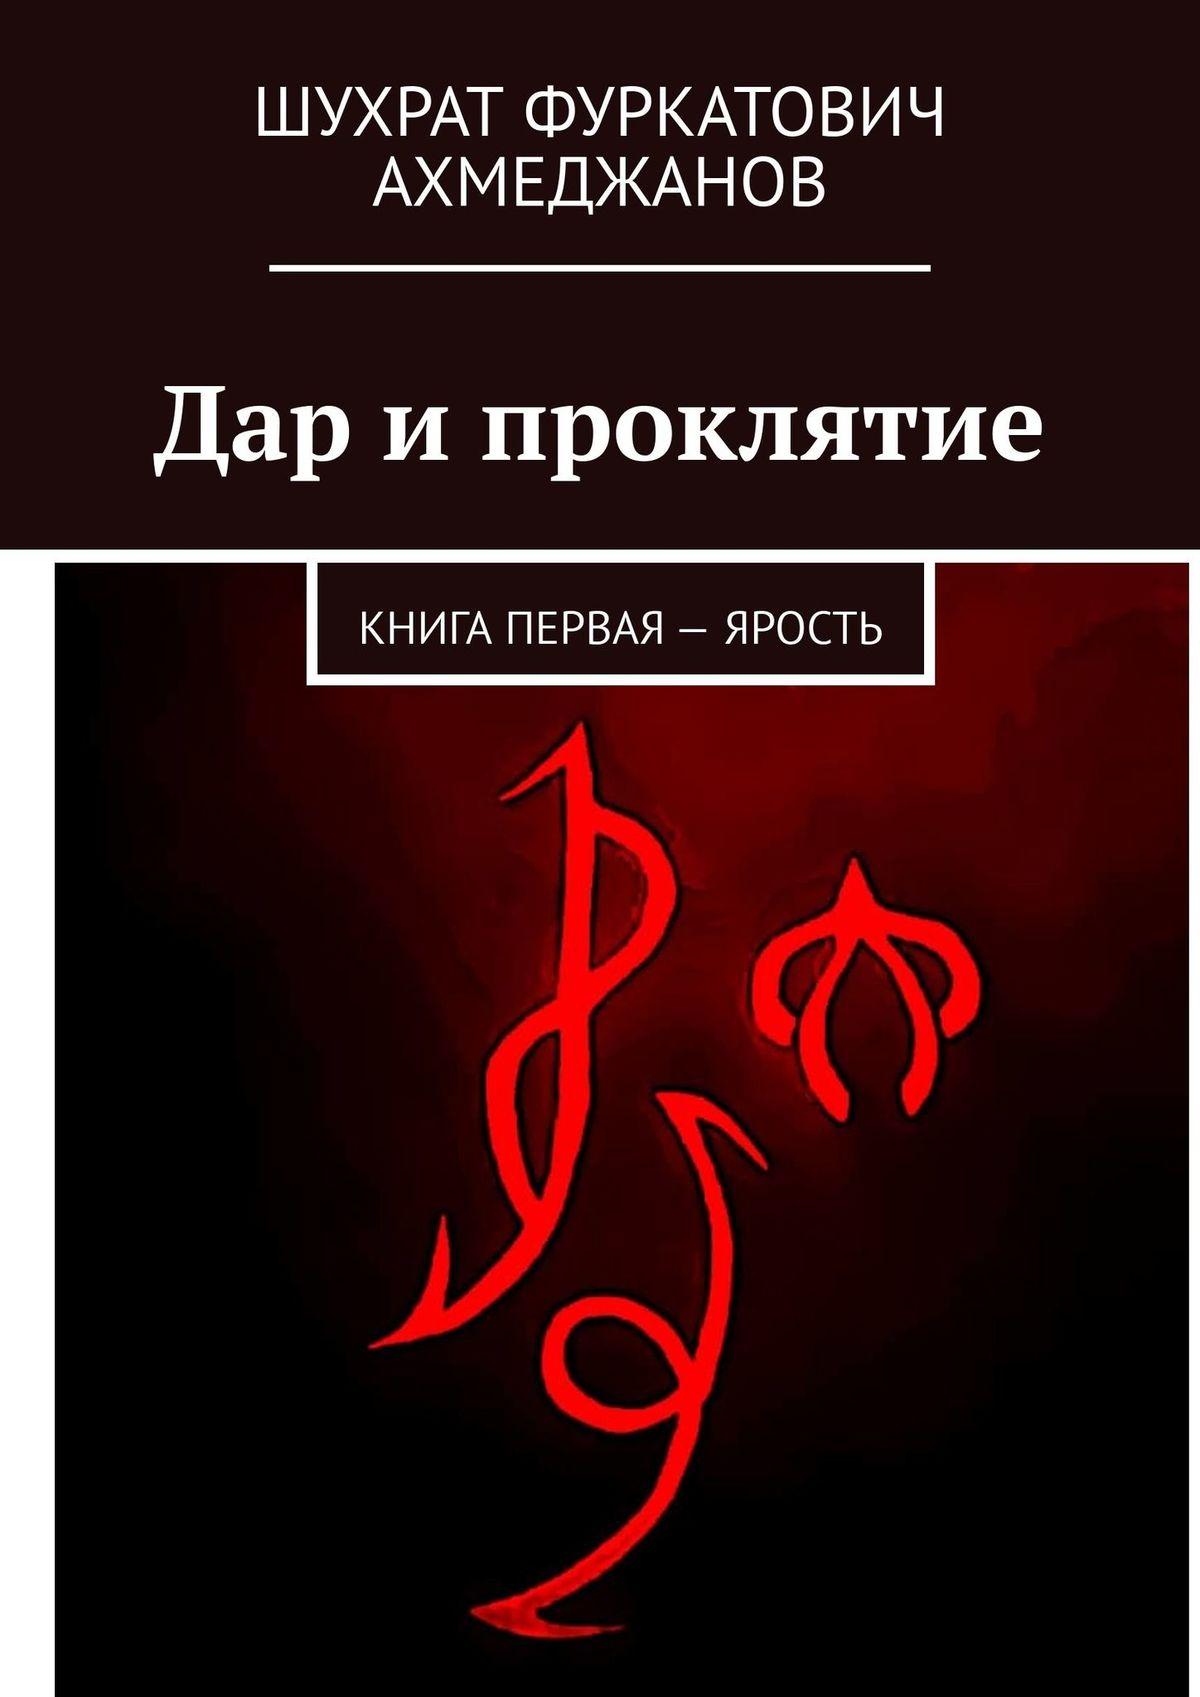 Шухрат Фуркатович Ахмеджанов Дар ипроклятие. Книга первая– Ярость